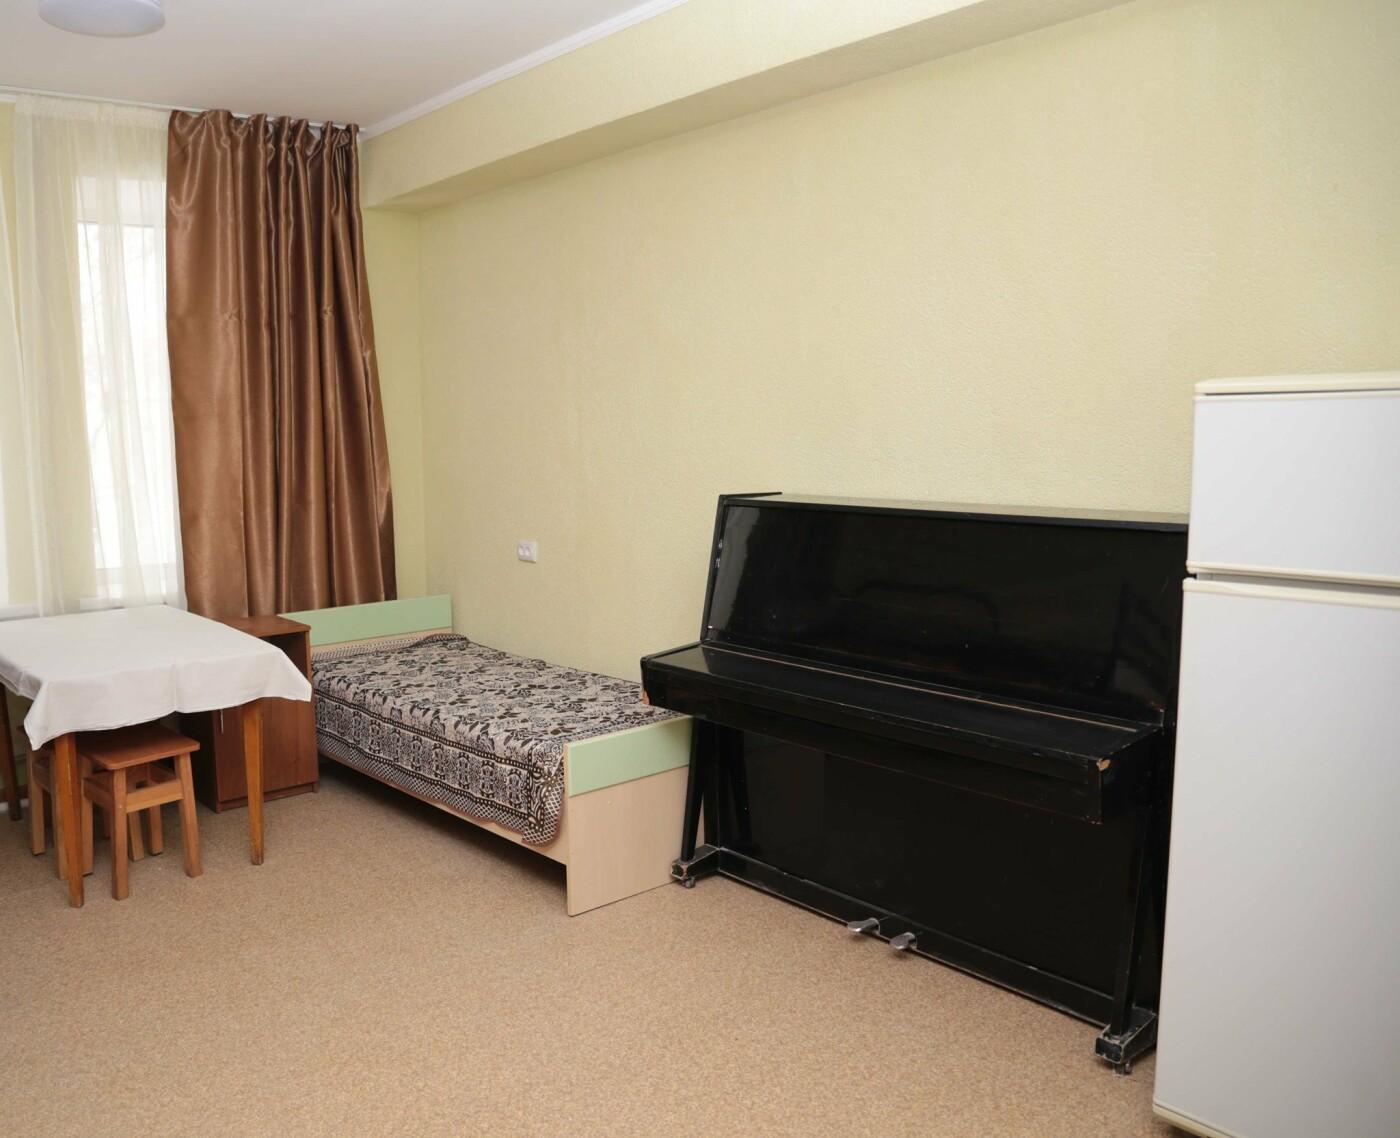 В Северодонецке завершается капитальный ремонт общежития (фото) , фото-1